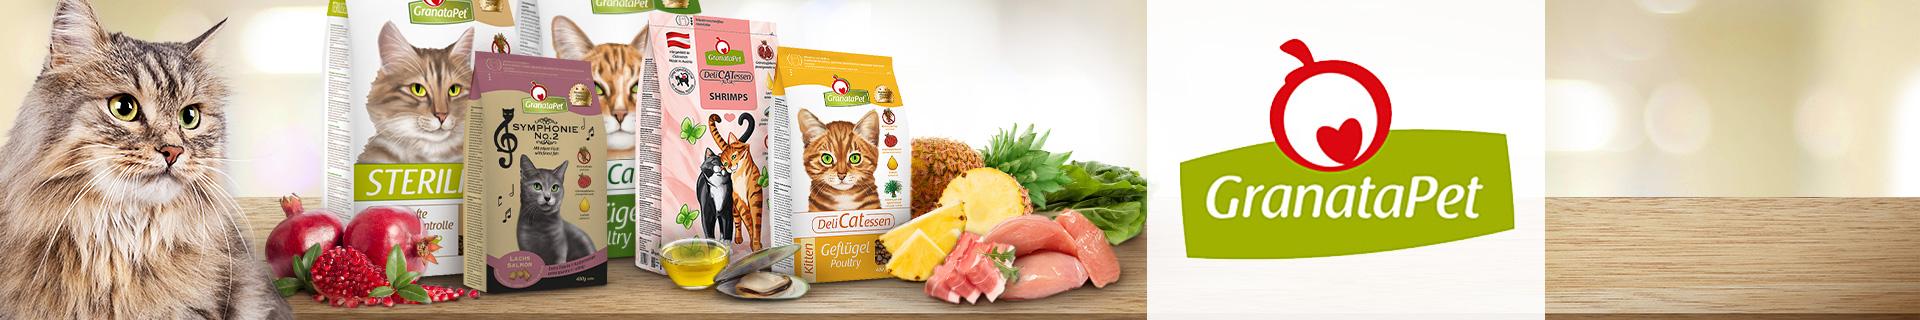 GranataPet Katze Trockenfutter